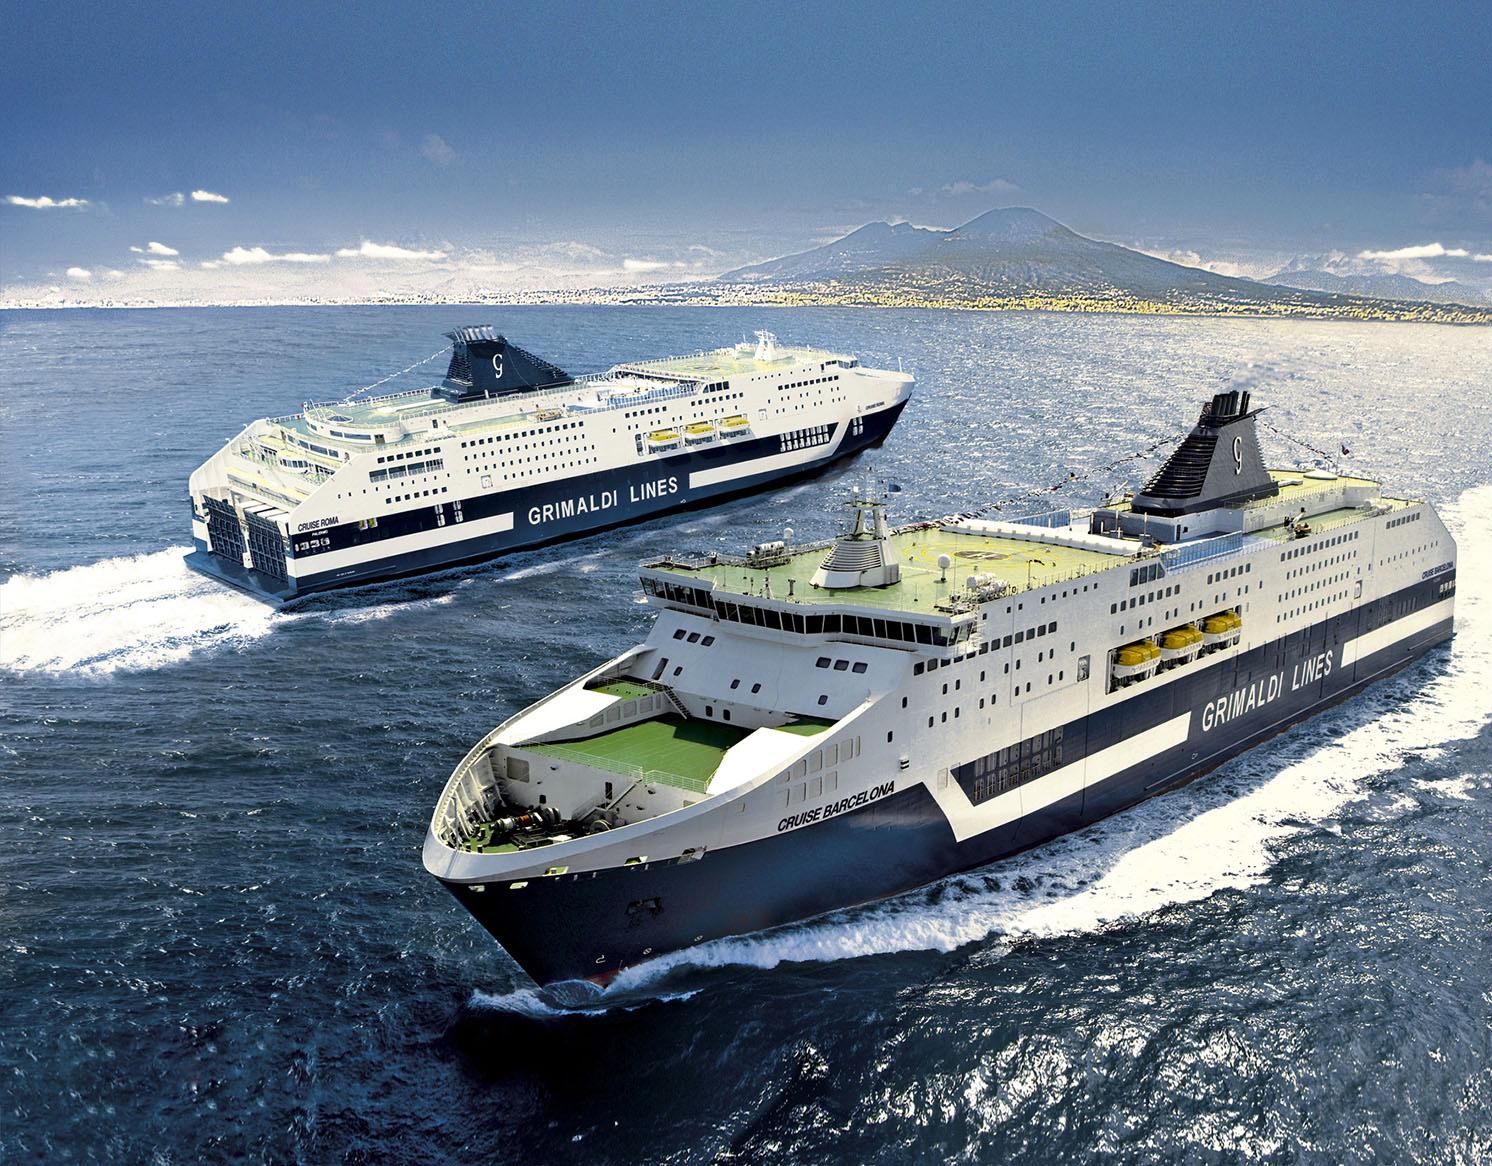 La nave dei libri pronta a salpare da Civitavecchia con direzione Barcellona